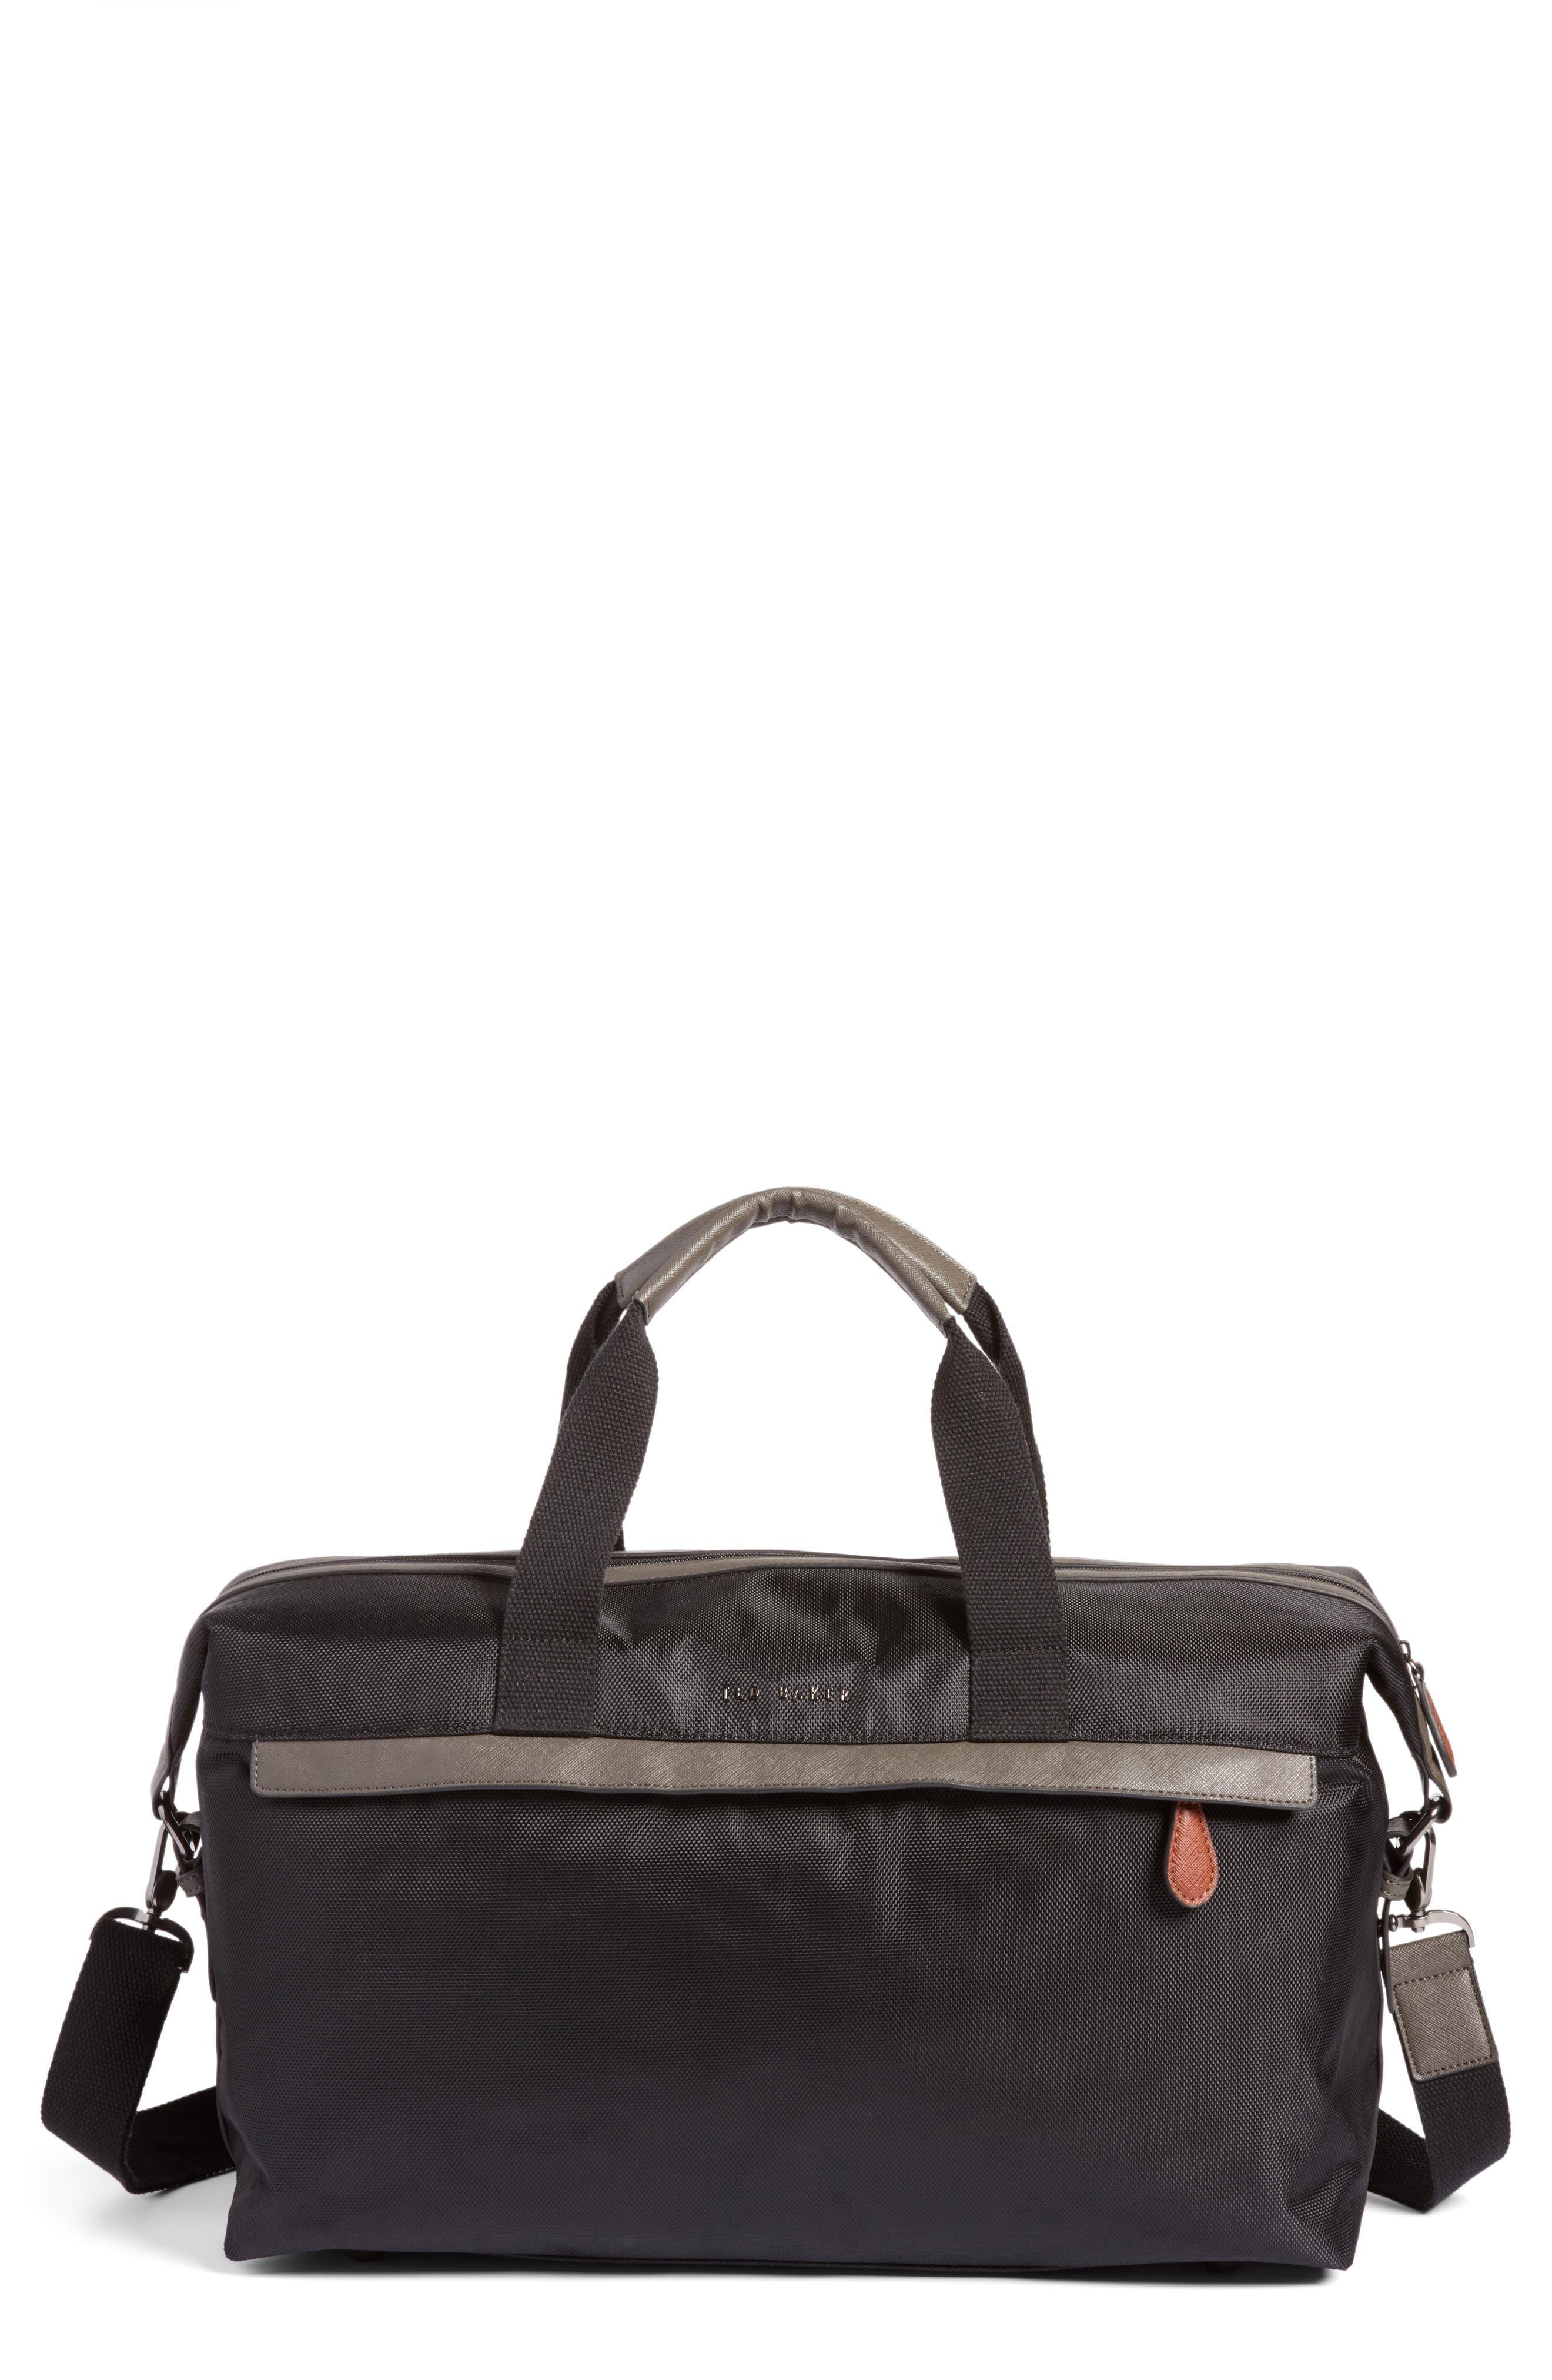 TED BAKER LONDON Zeebee Duffel Bag